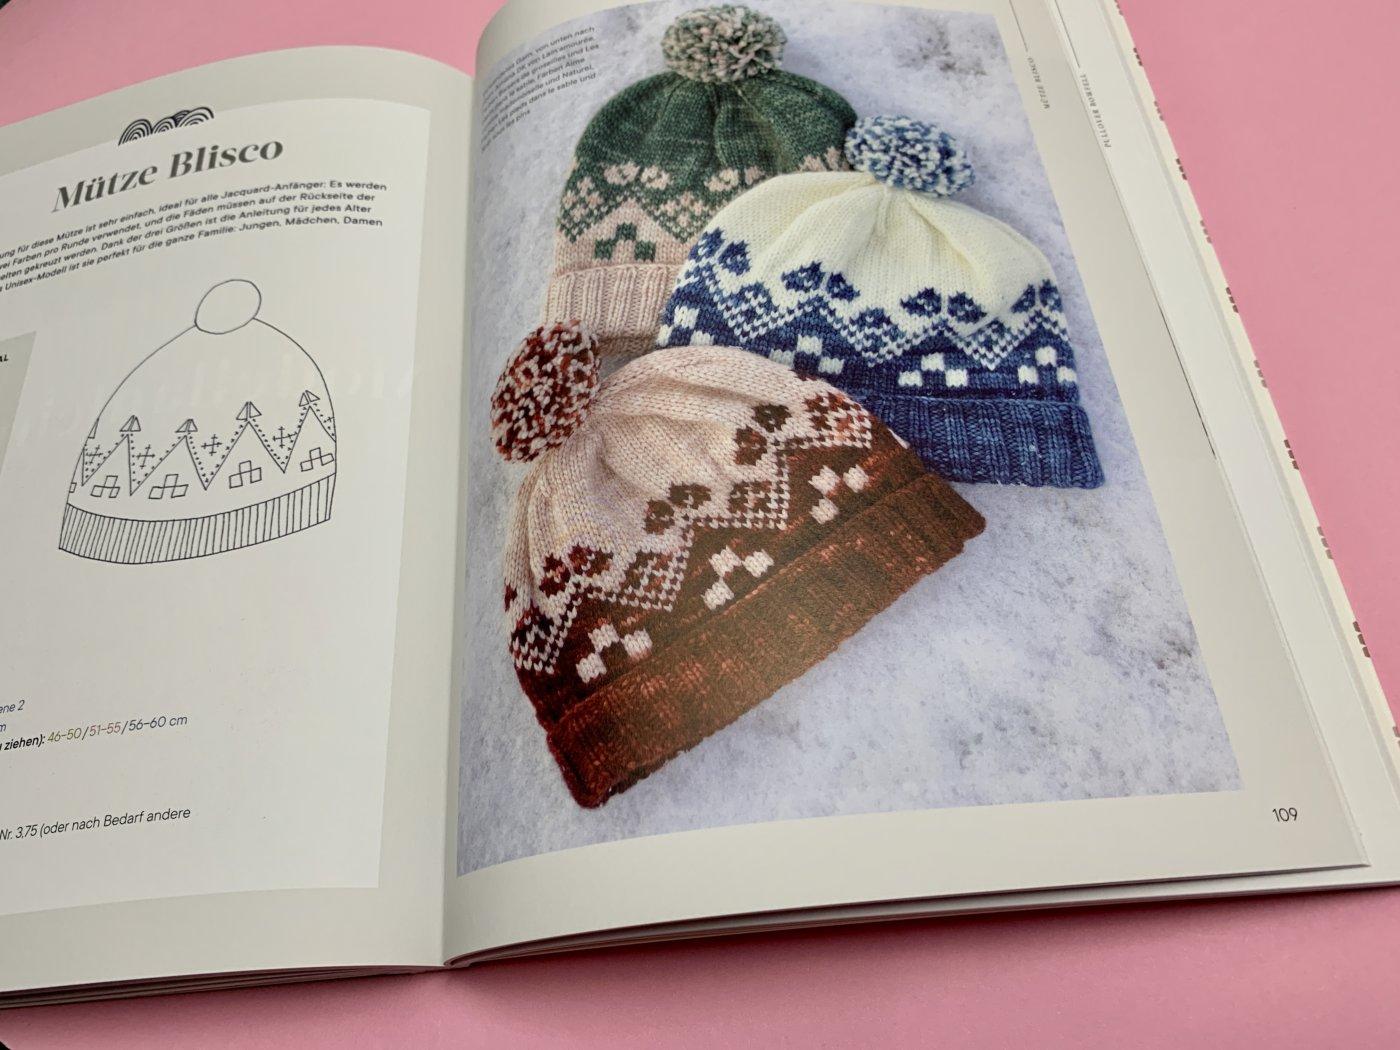 Mützen im Buch Jacquard - Am Stück gestrickt